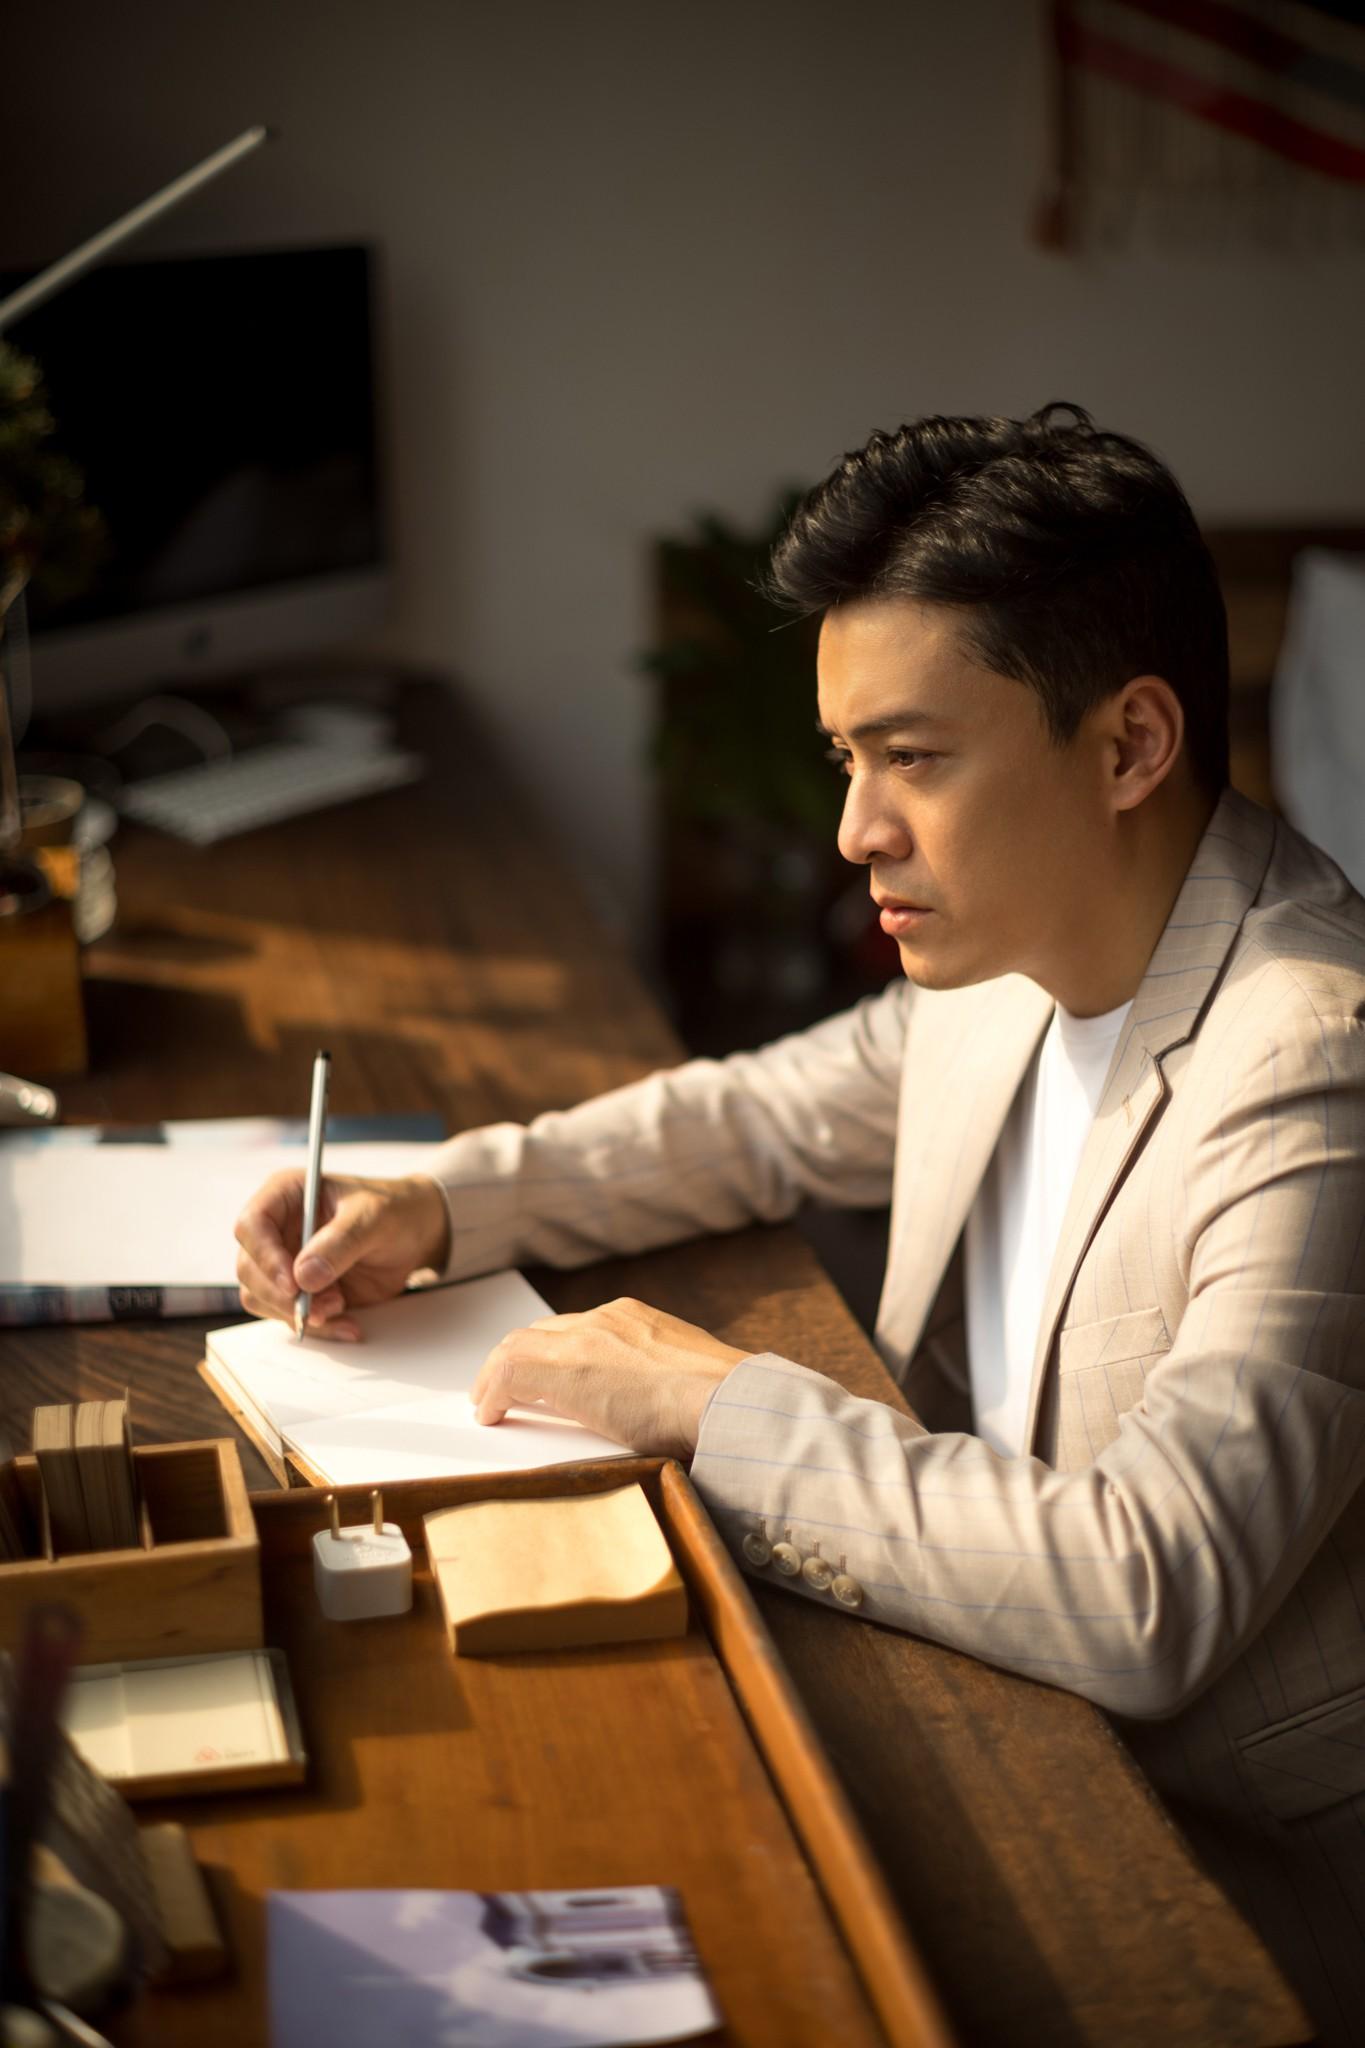 Gạt qua nỗi buồn mất giấy tờ, Lam Trường gấp rút chuẩn bị dự án mới - Ảnh 3.